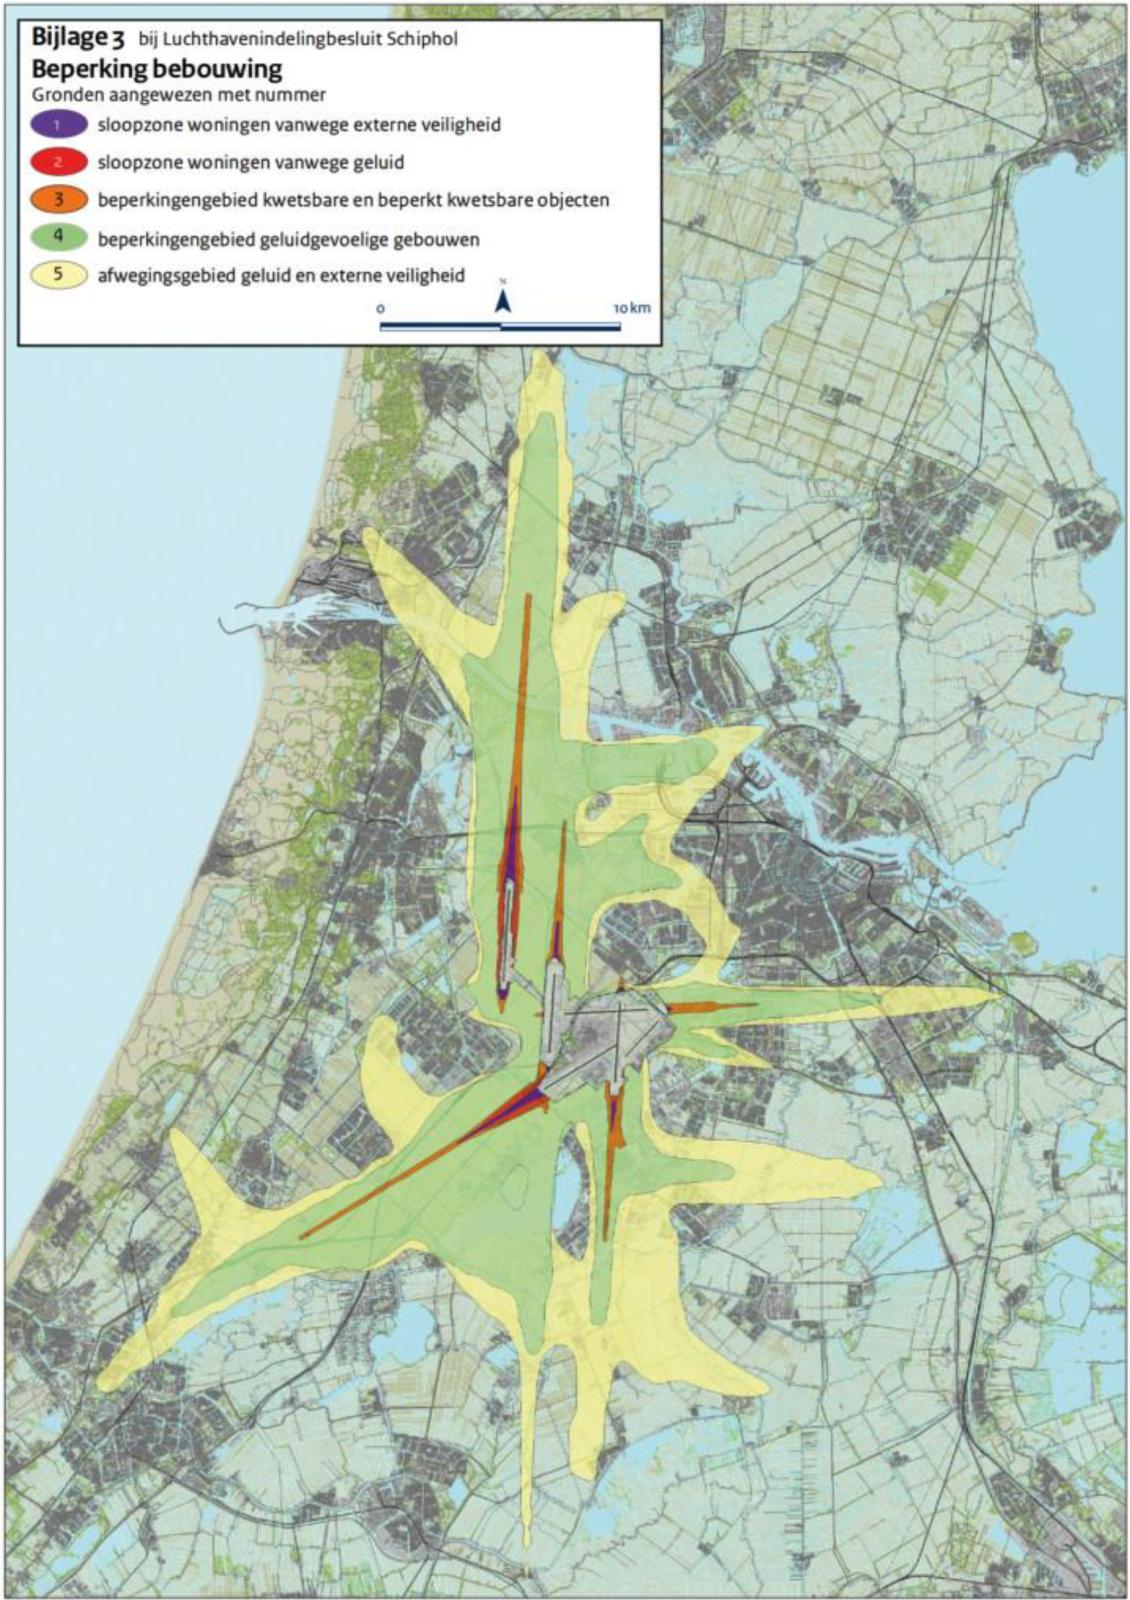 Beperkingenzones bebouwing rondom Schiphol (Bron: Ministerie van IenW, 2018)